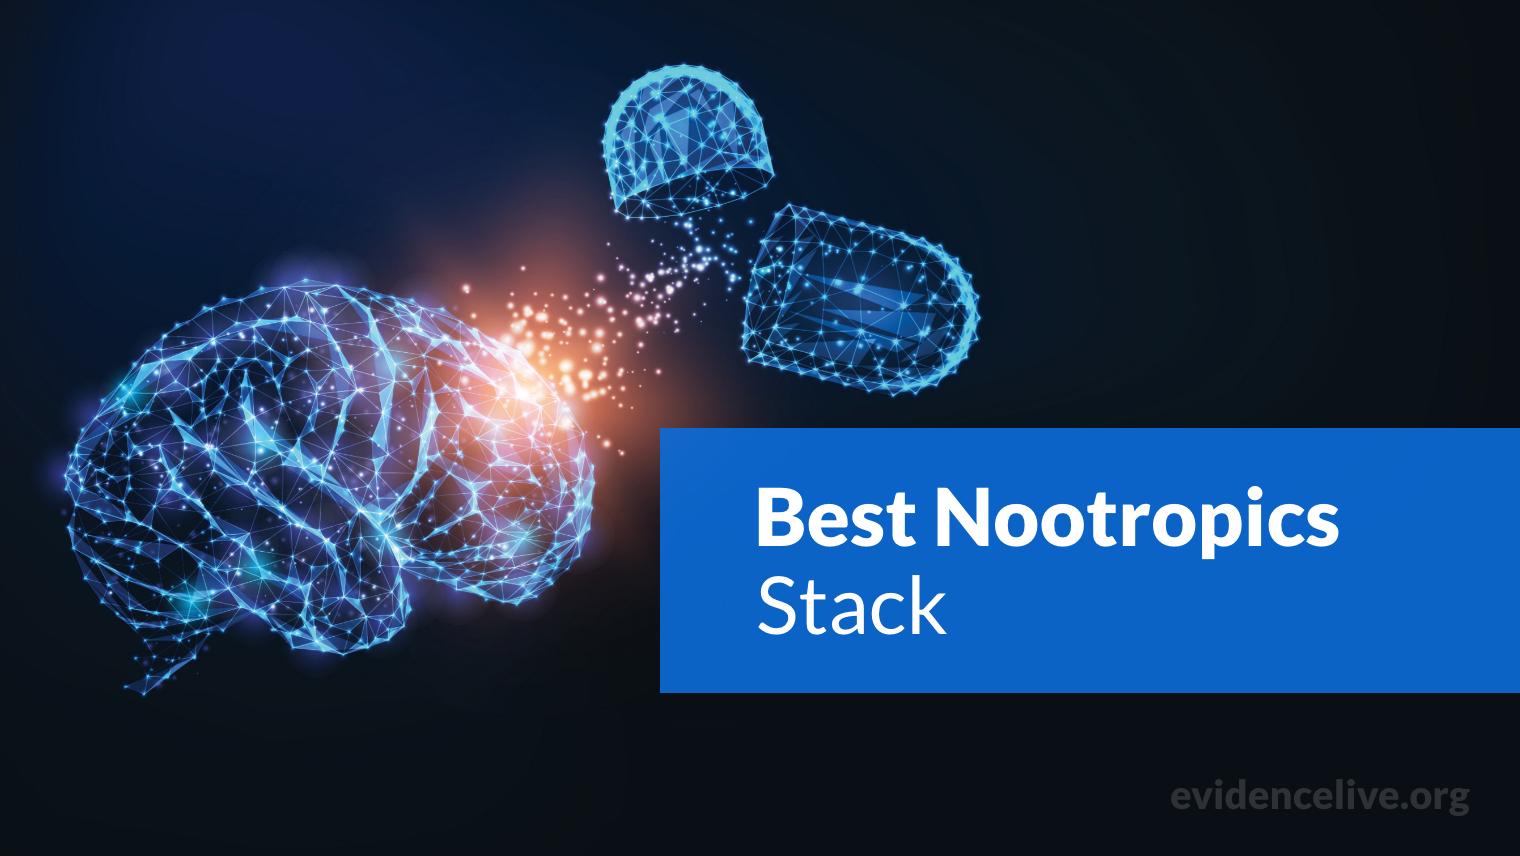 Best Nootropics Stack: The Most Effective Brain Supplements